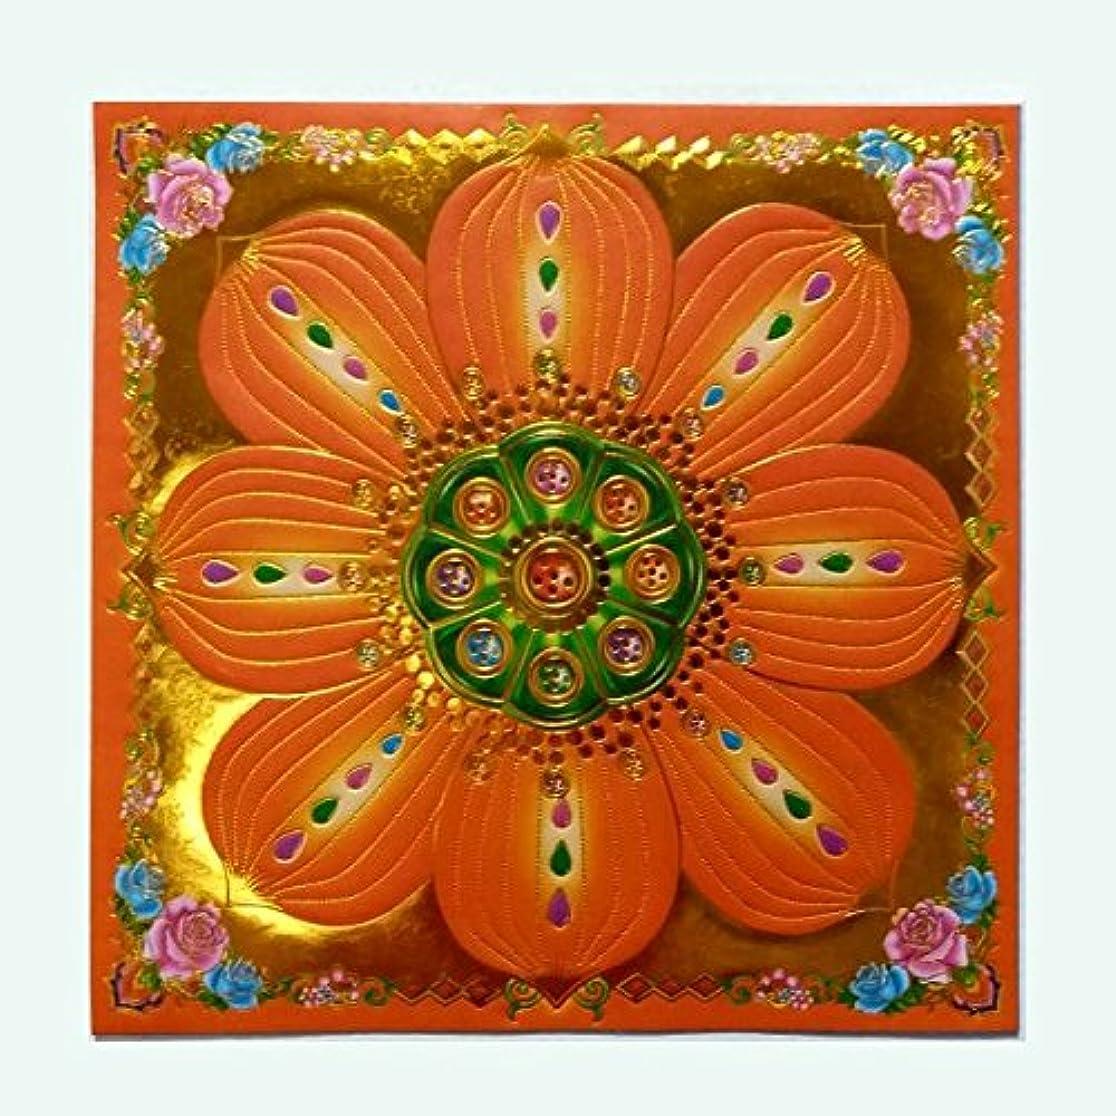 やりがいのある薬理学メニュー40pcs Incense用紙/Joss用紙ハイグレードカラフルwithゴールドの箔Sサイズの祖先Praying 7.5インチx 7.5インチ(オレンジ)